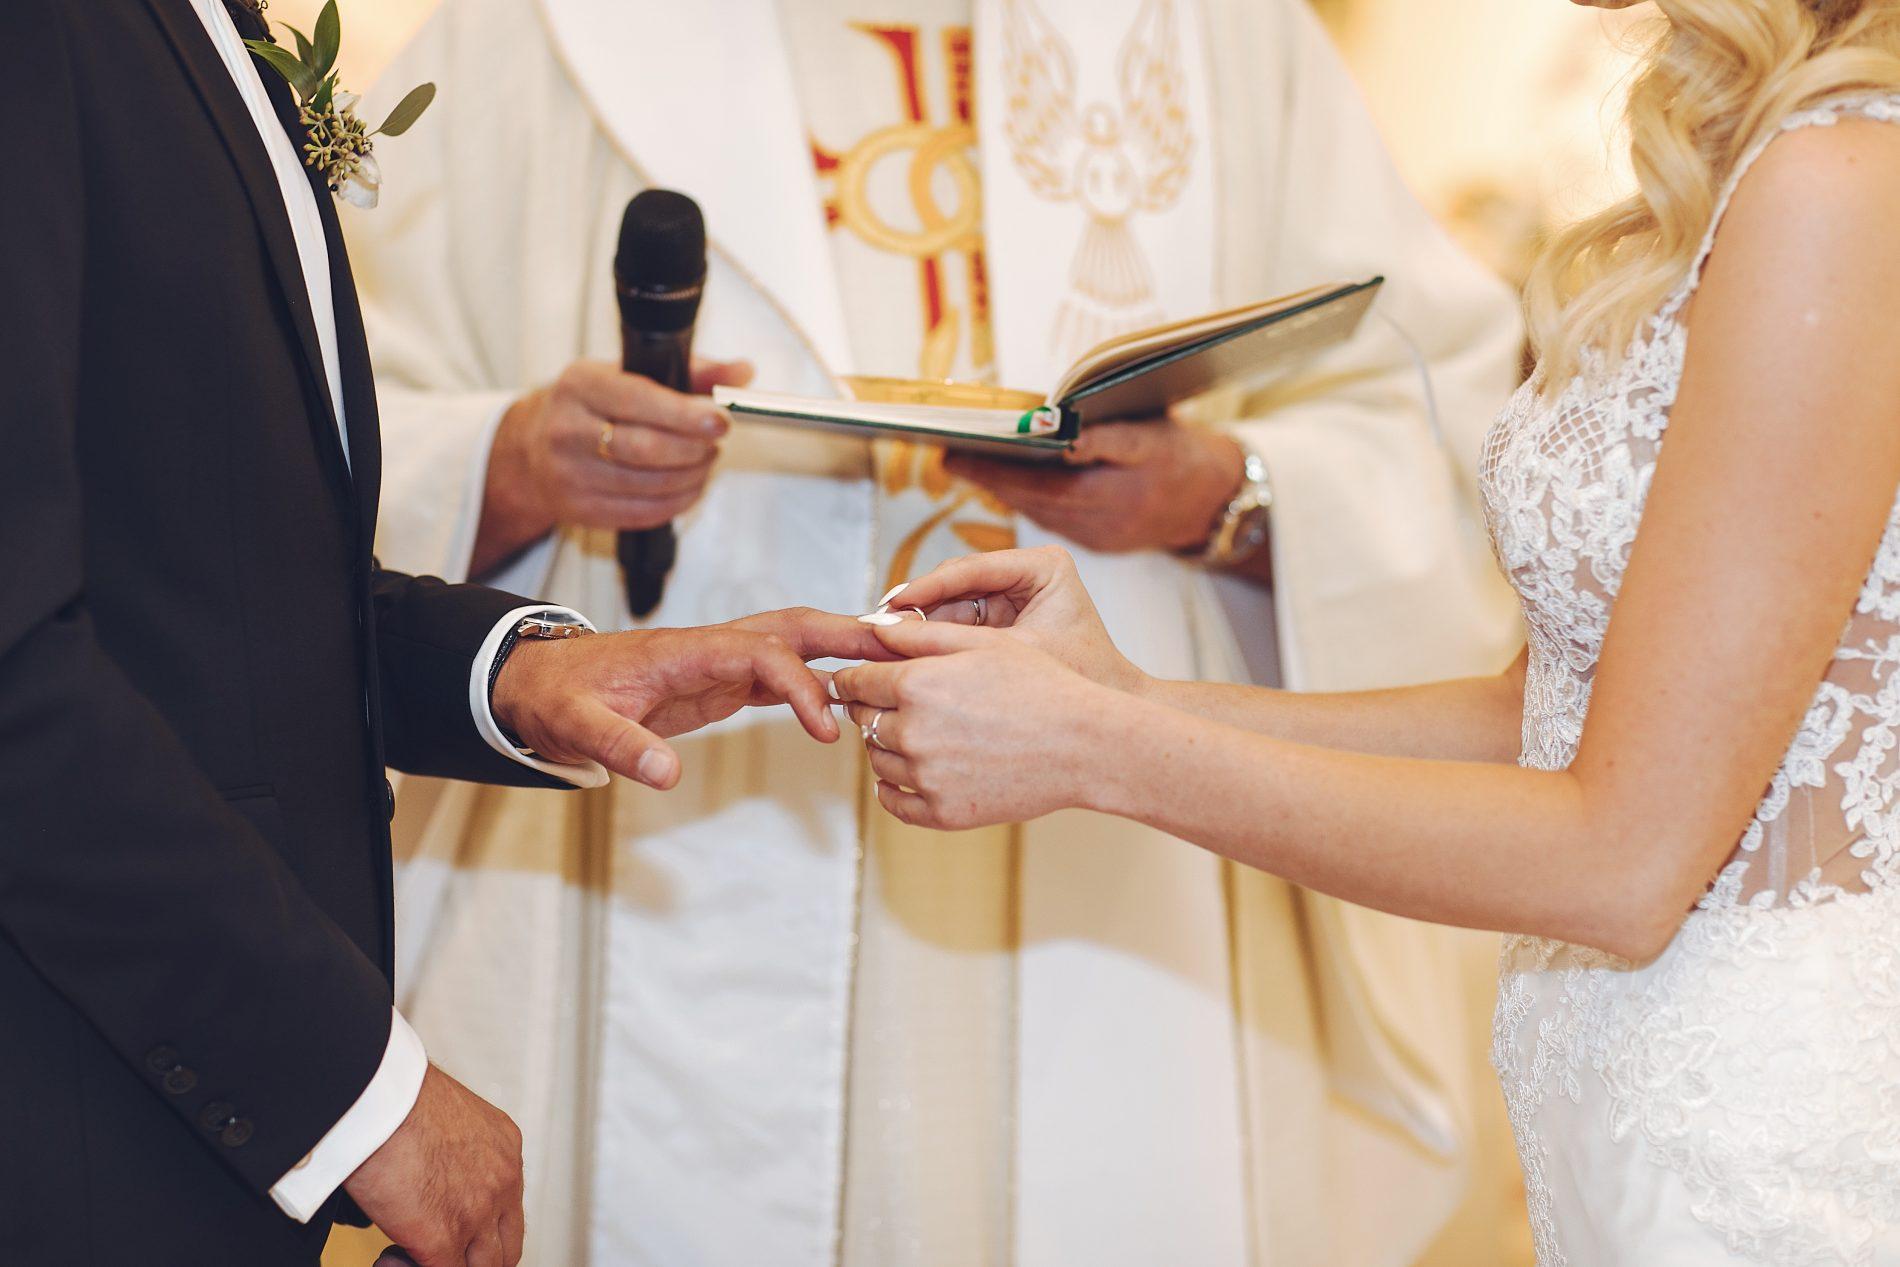 Nella foto un prete che unisce in nozze una coppia: nella Fase 2 del Coronavirus sono concessi i matrimoni in chiesa con gli invitati